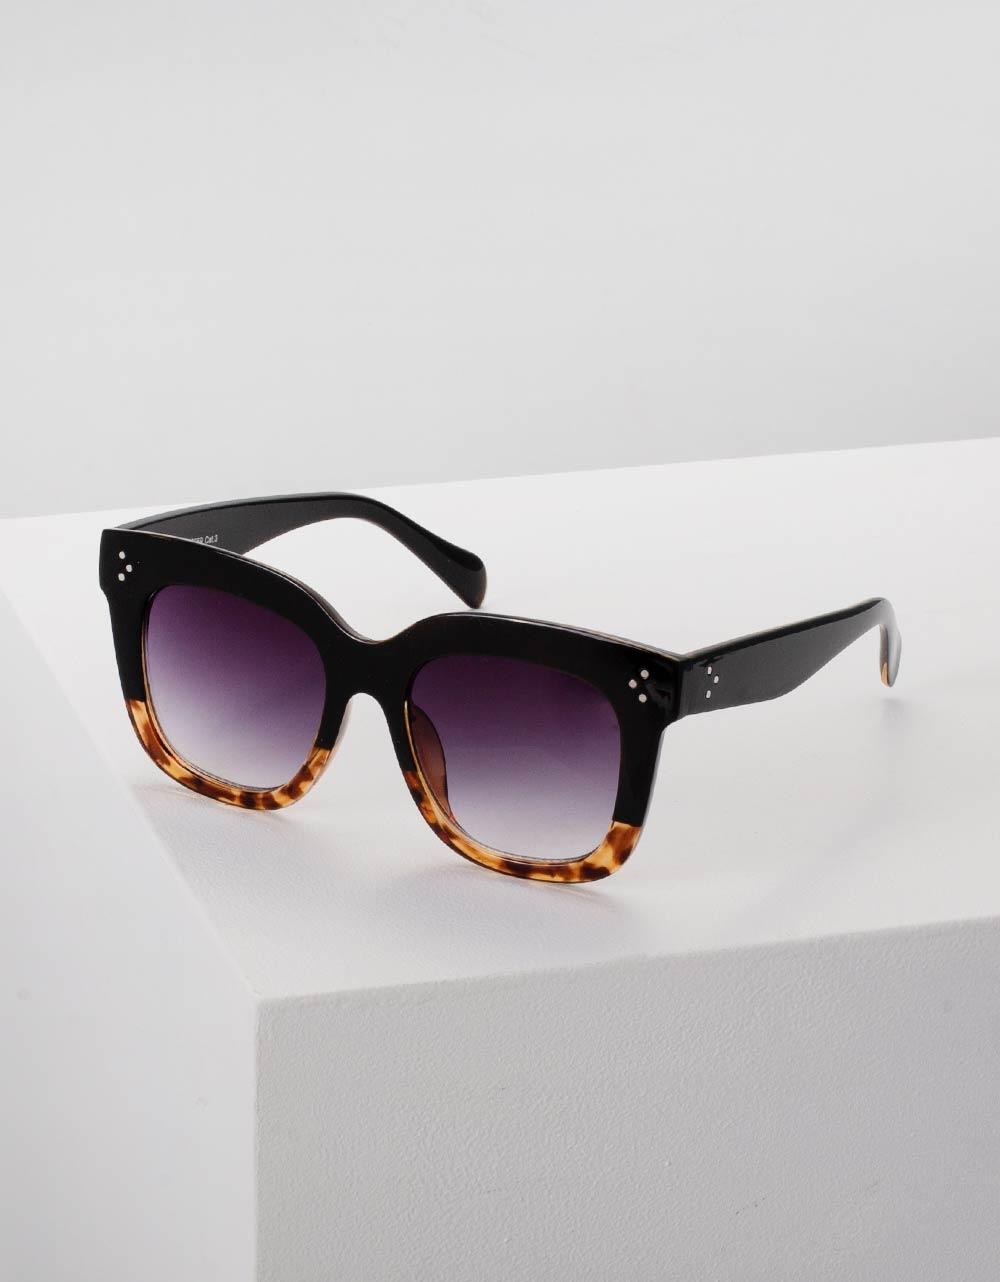 Εικόνα από Γυναικεία γυαλιά ηλίου στρογγυλά Μαύρο/Καφέ